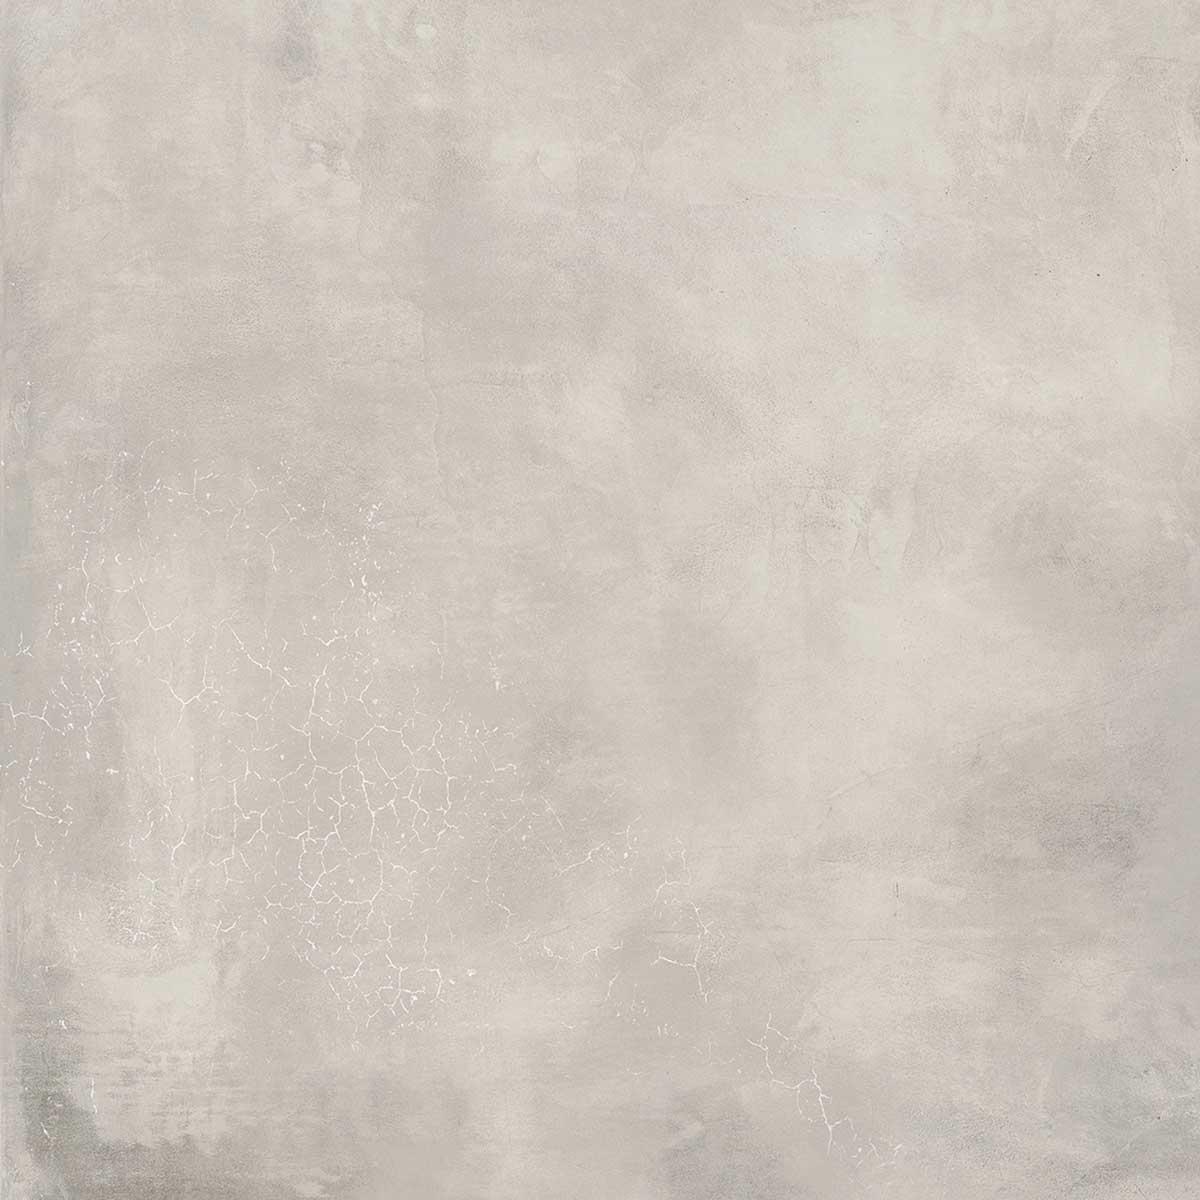 Fuga Minima Pavimento Rettificato gres porcellanato effetto cemento grigio chiaro basic